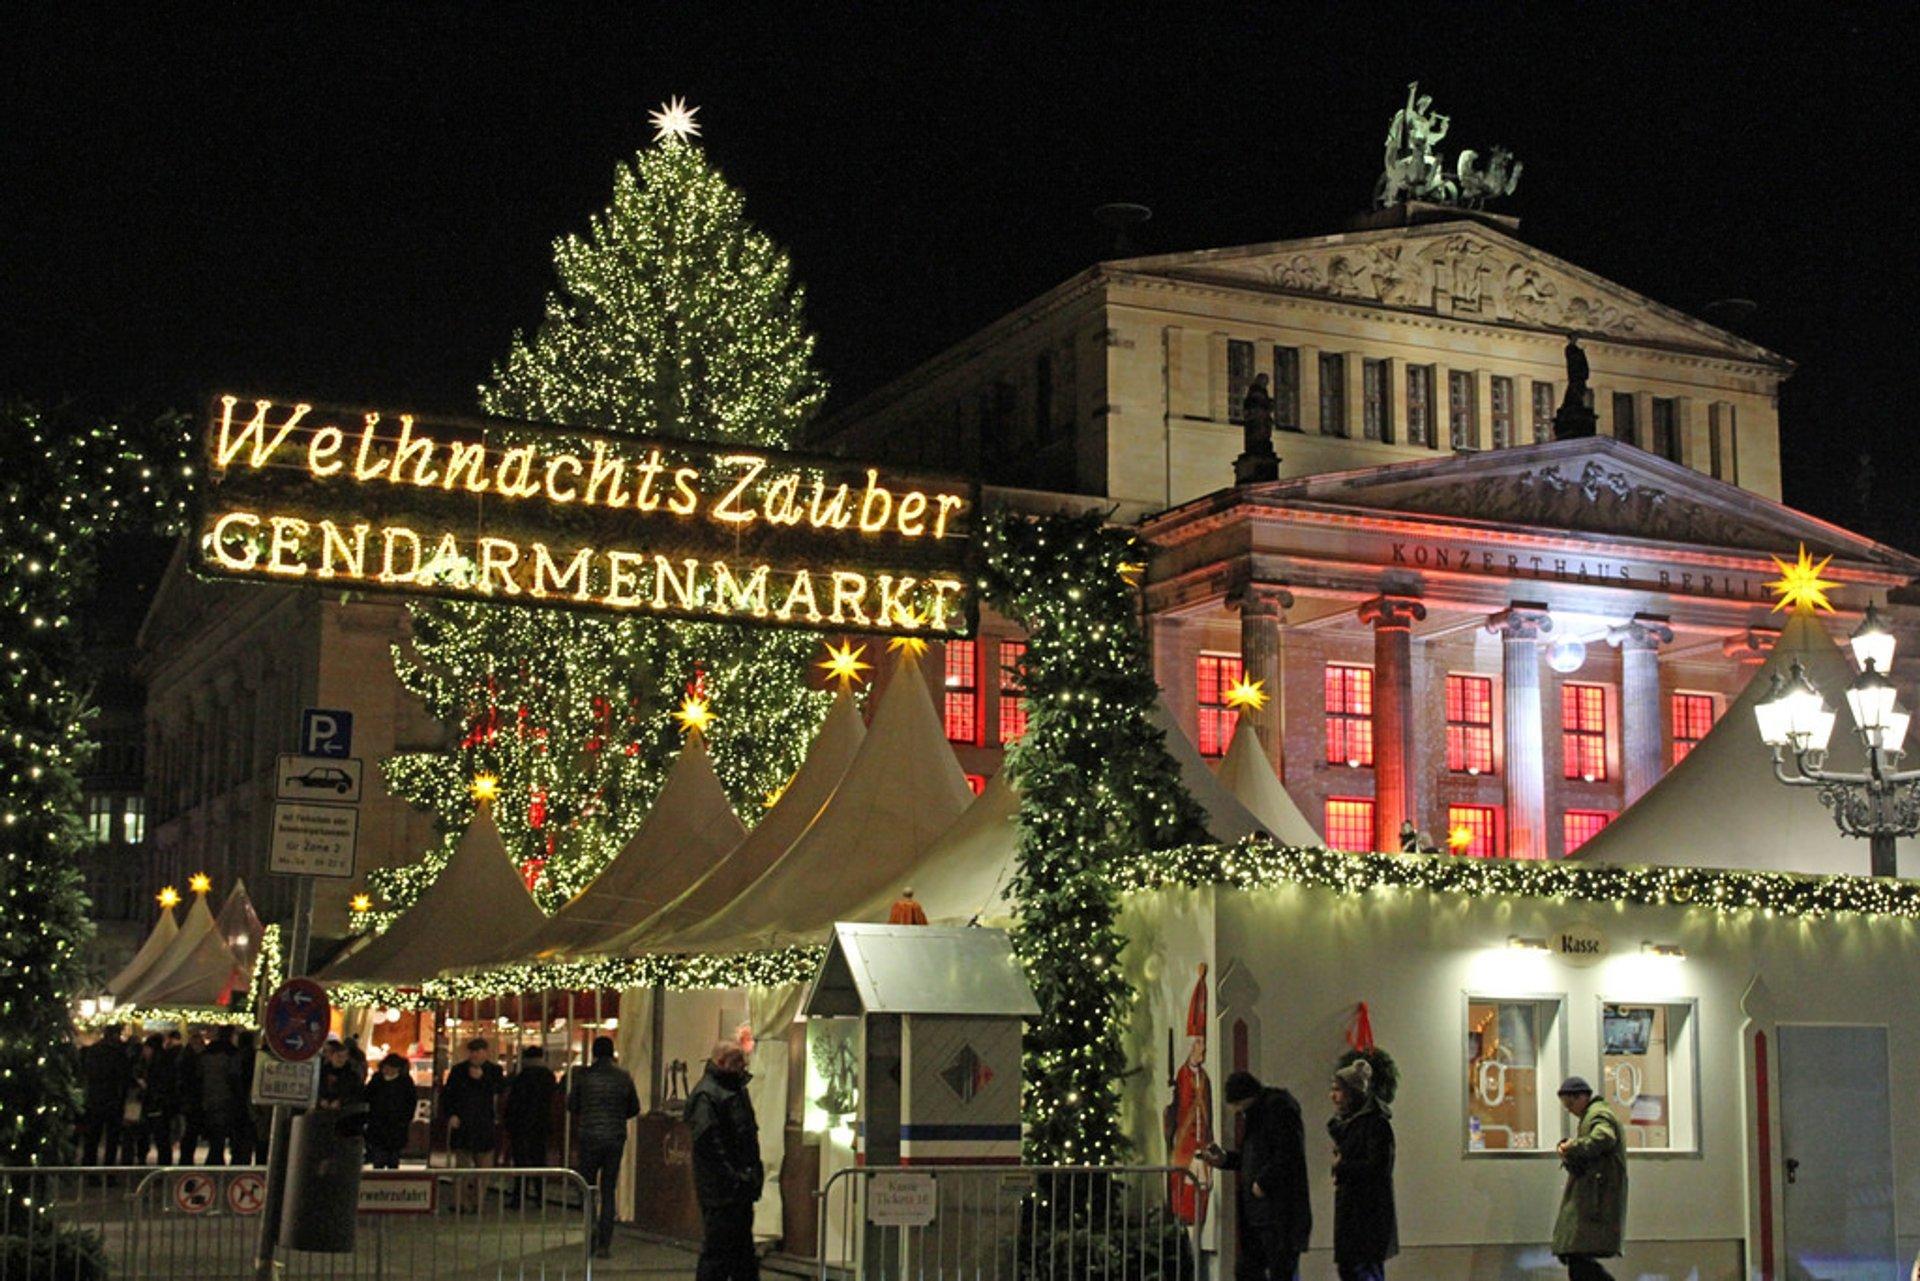 Weihnachtszauber Gendarmenmarkt, Berlin 2020